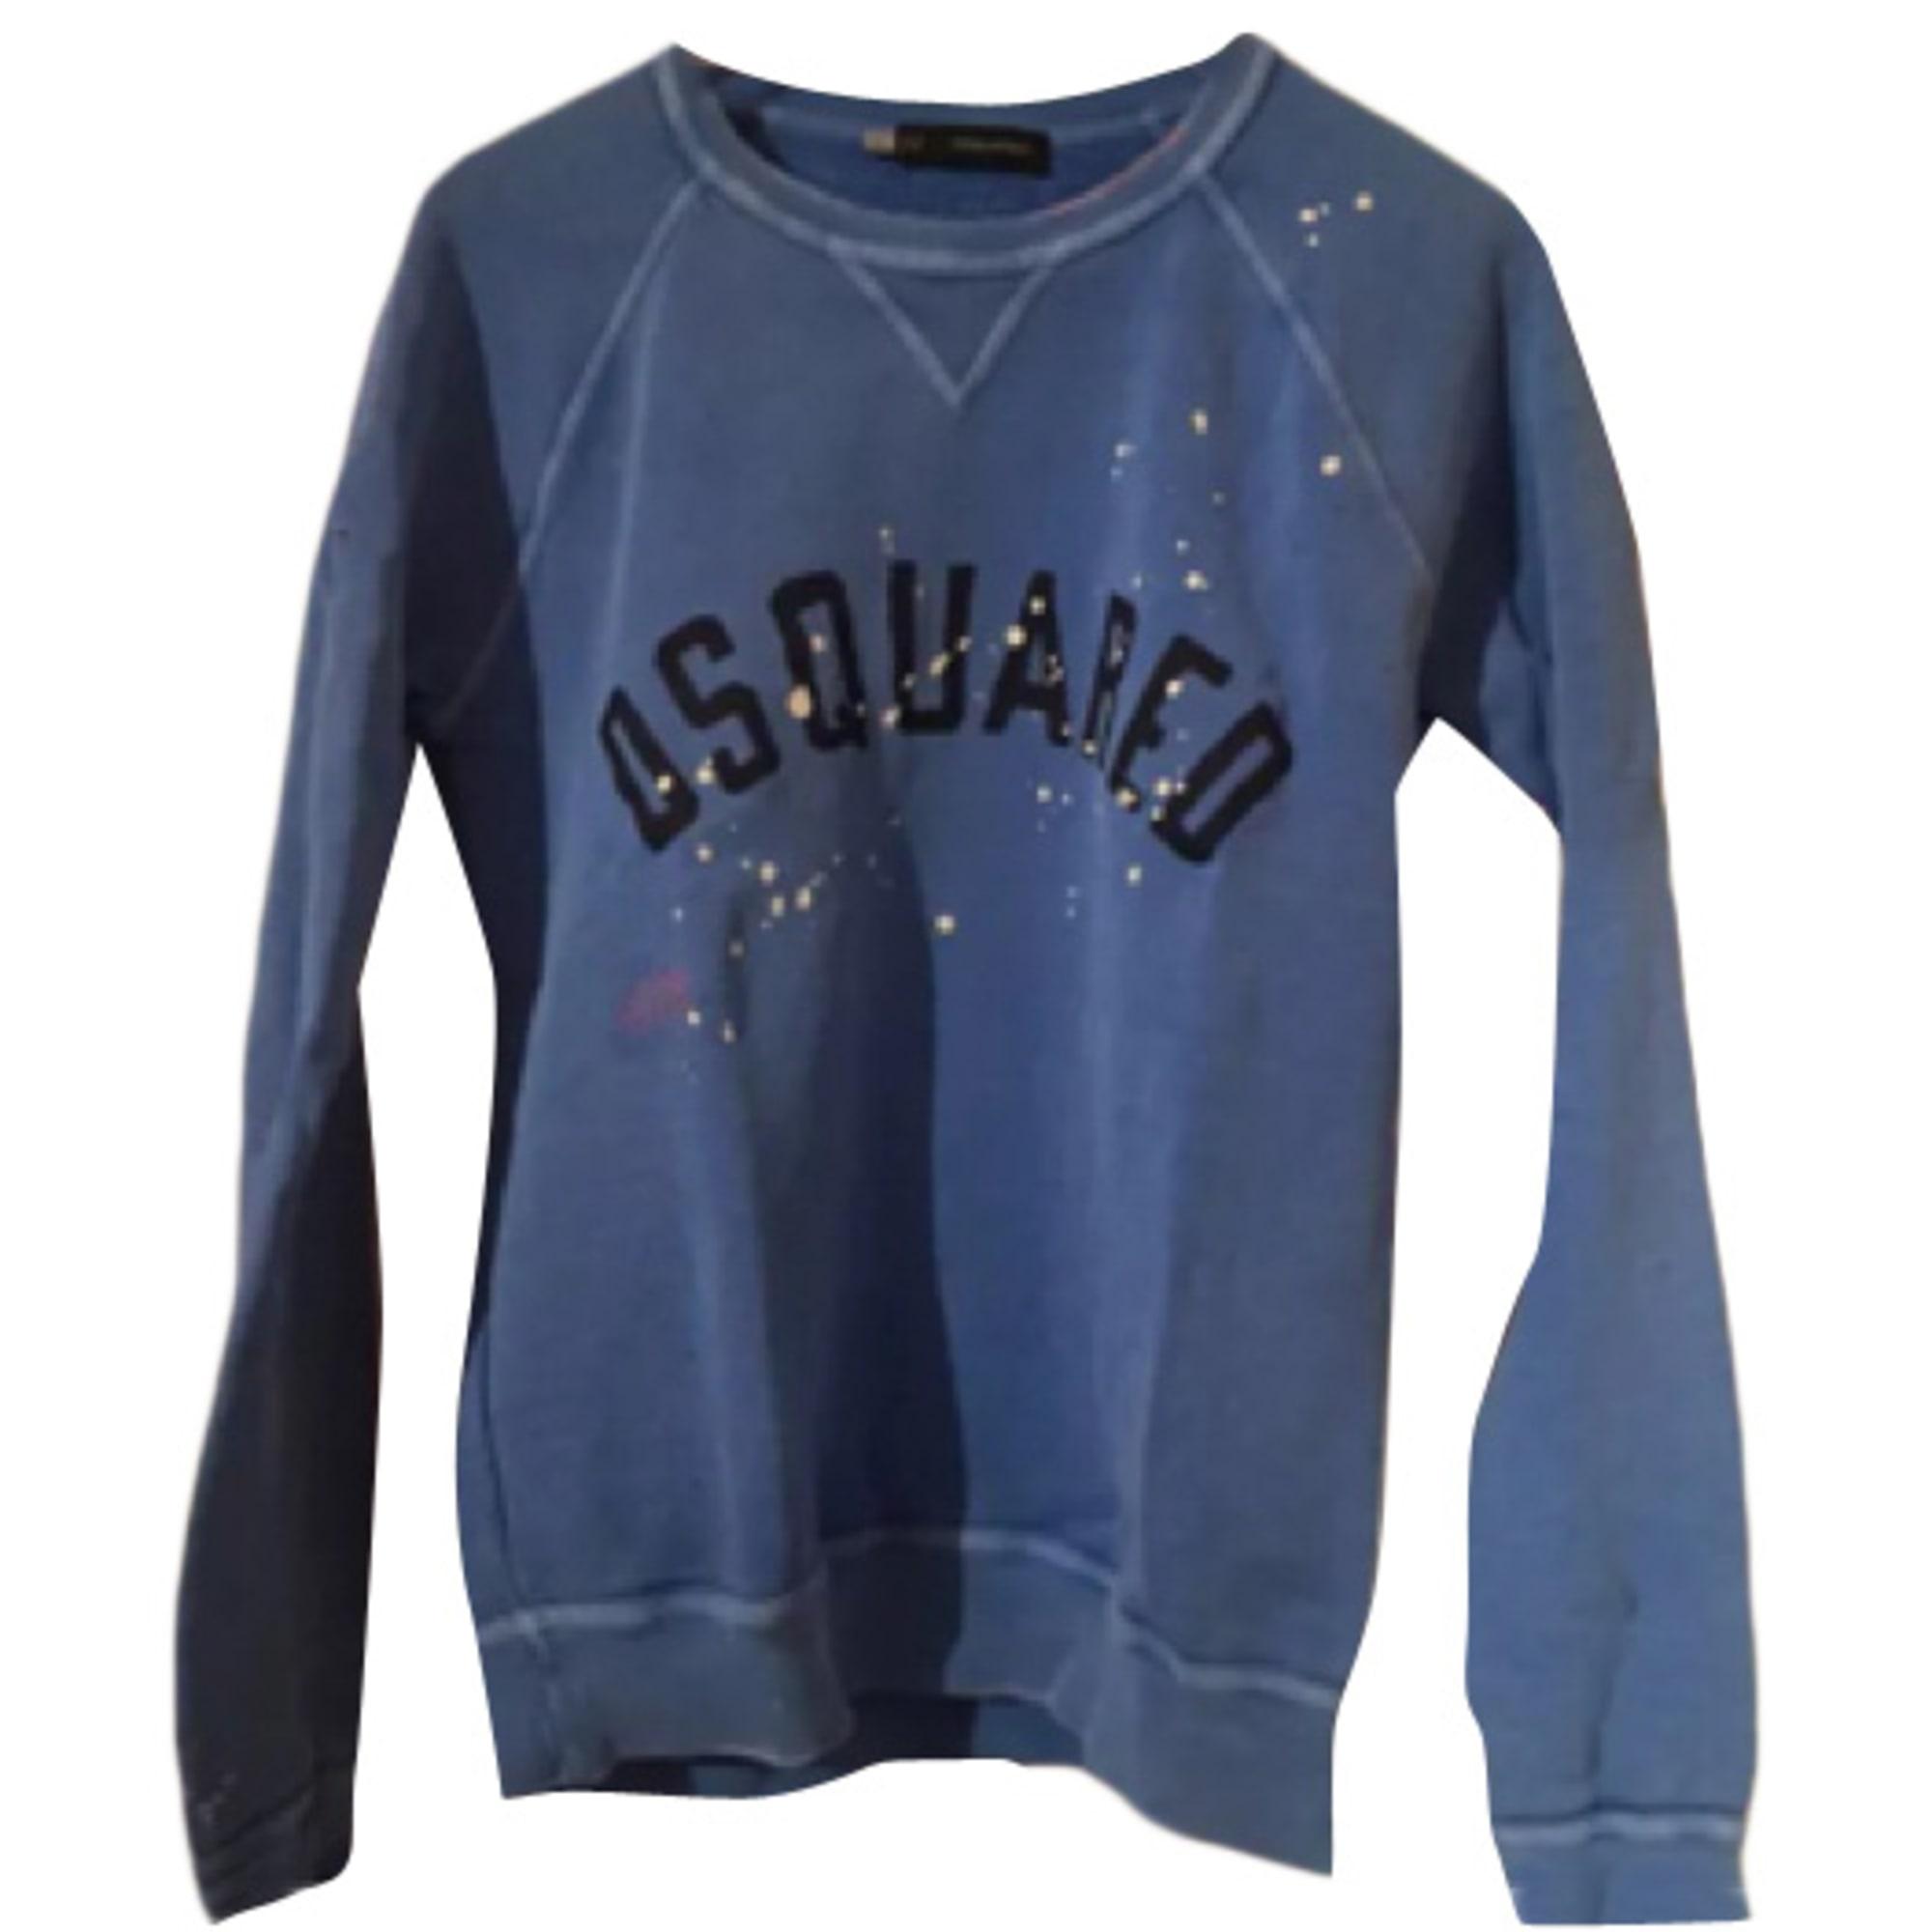 ab2bbf1a76fffd Sweat DSQUARED2 2 (M) bleu vendu par Tom 289 - 4554095